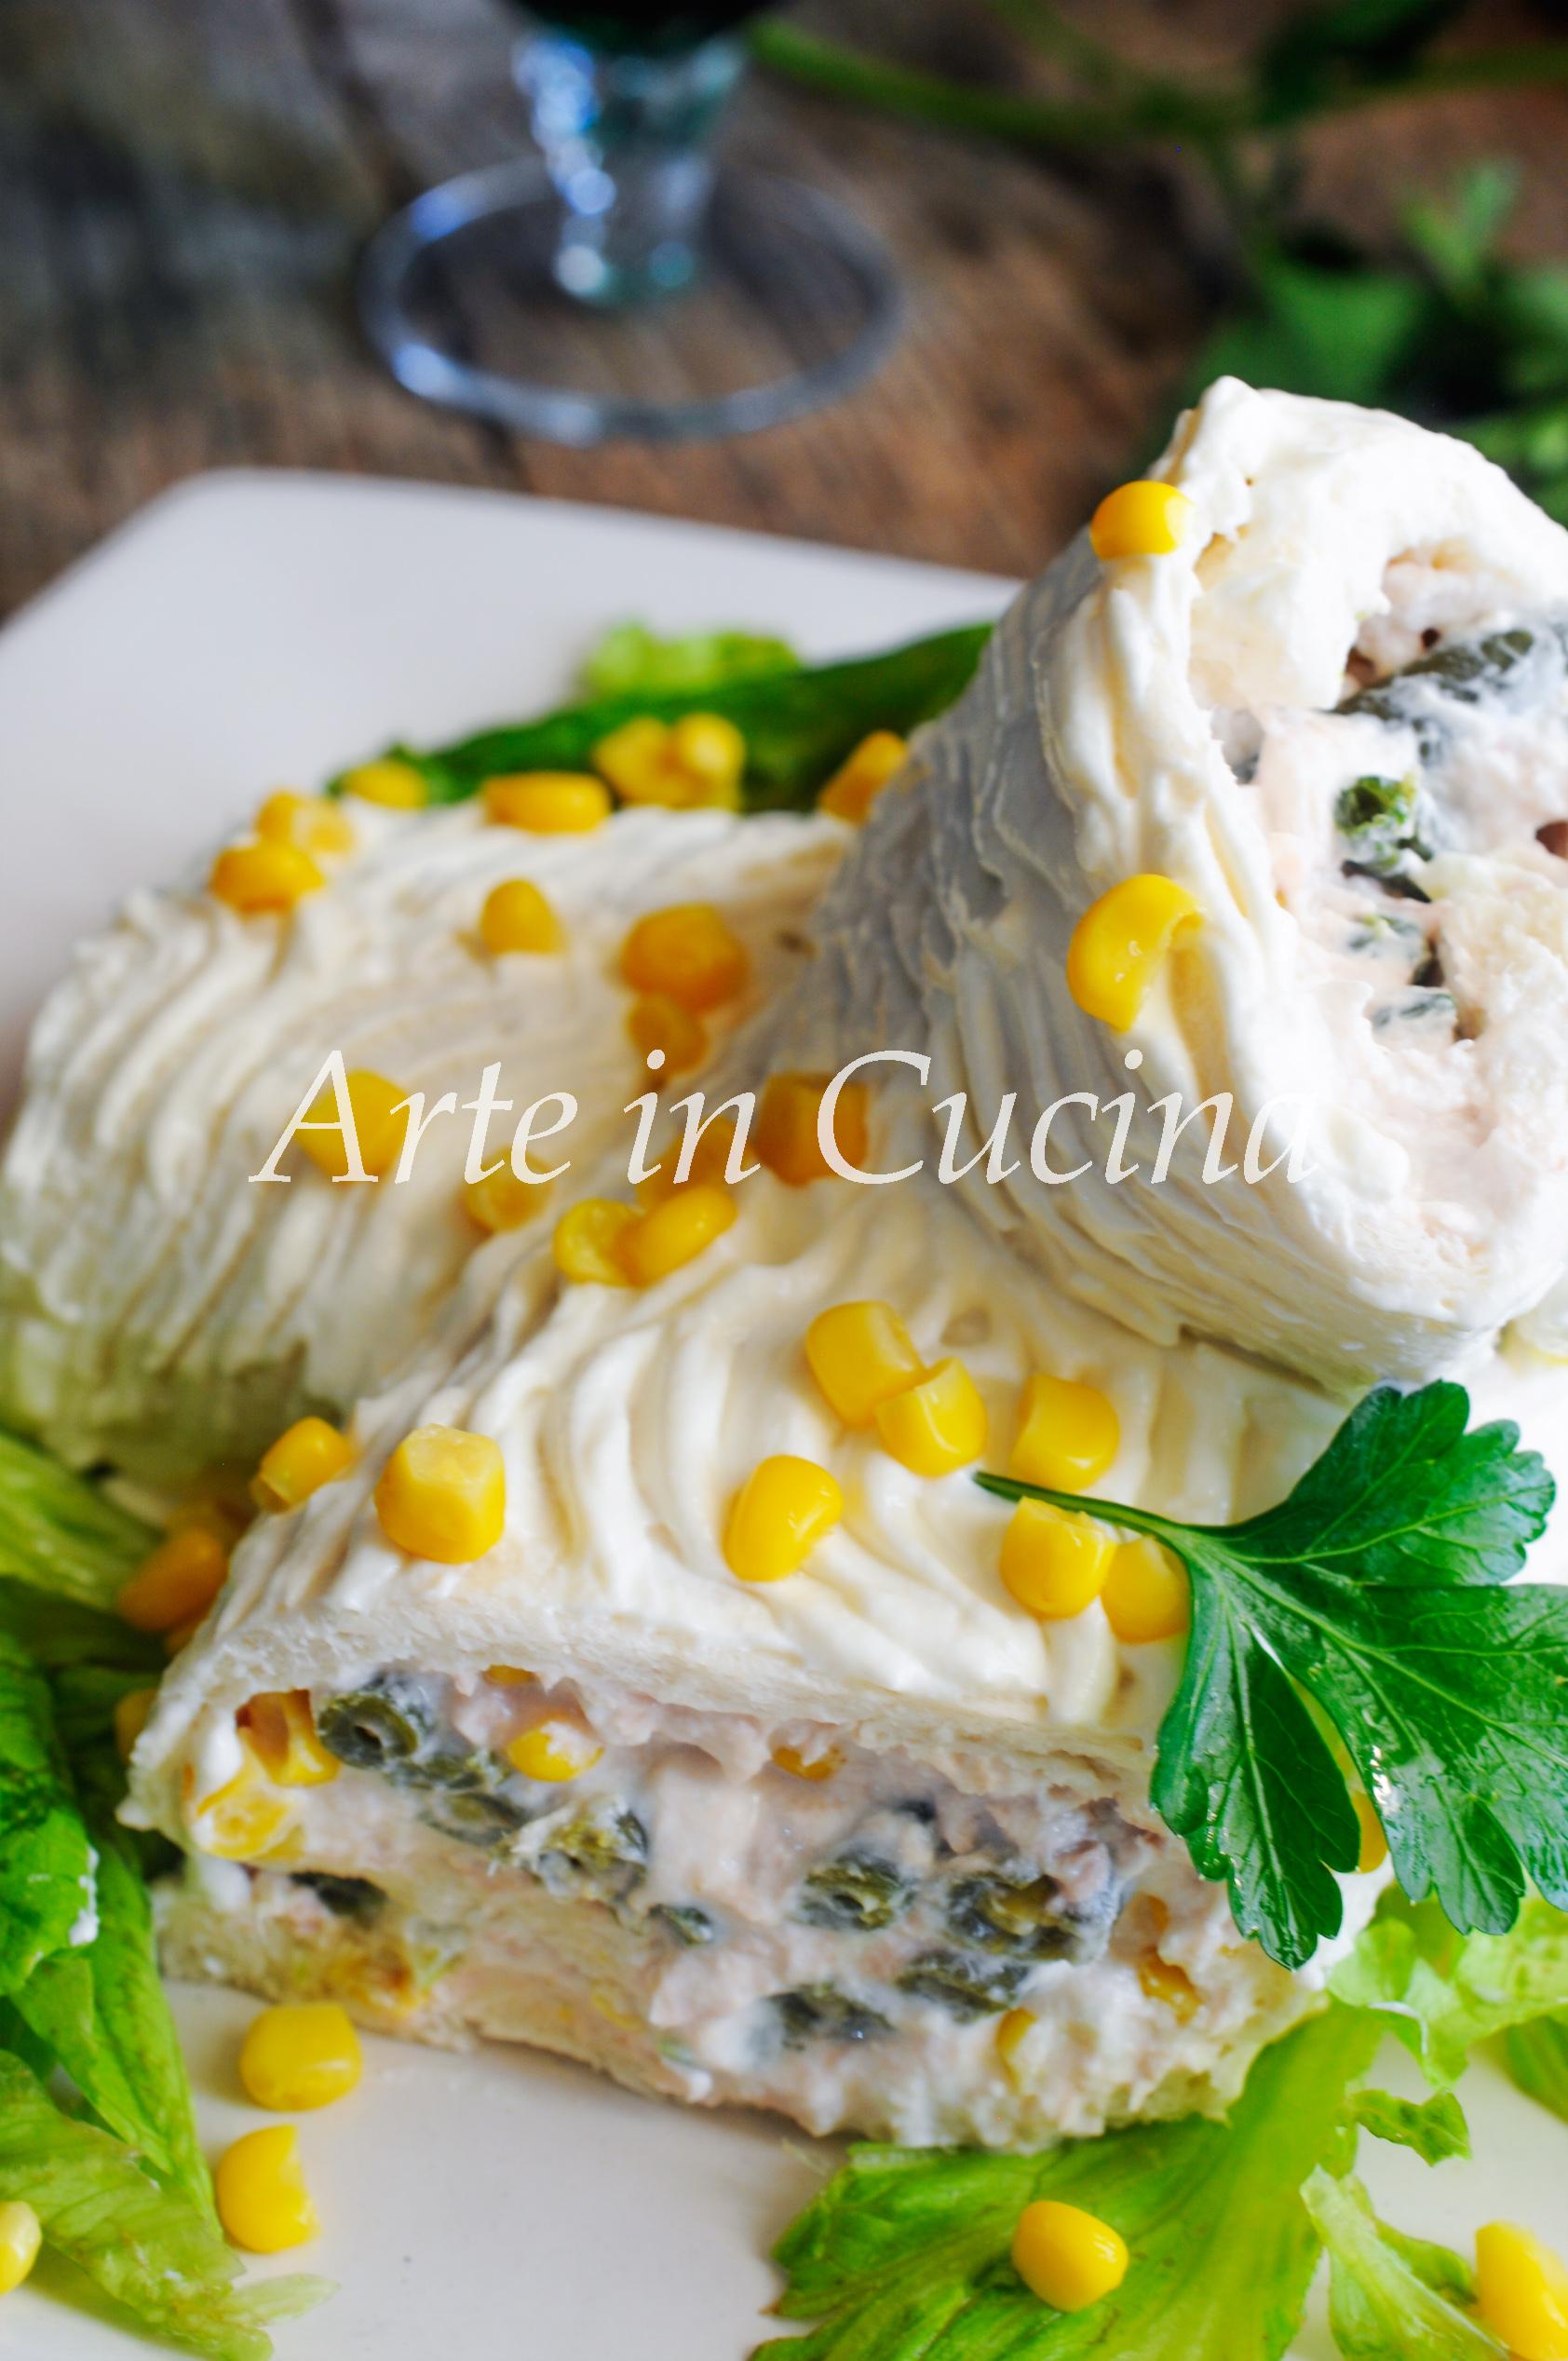 Tronchetto salato al tonno ricetta veloce vickyart arte in cucina